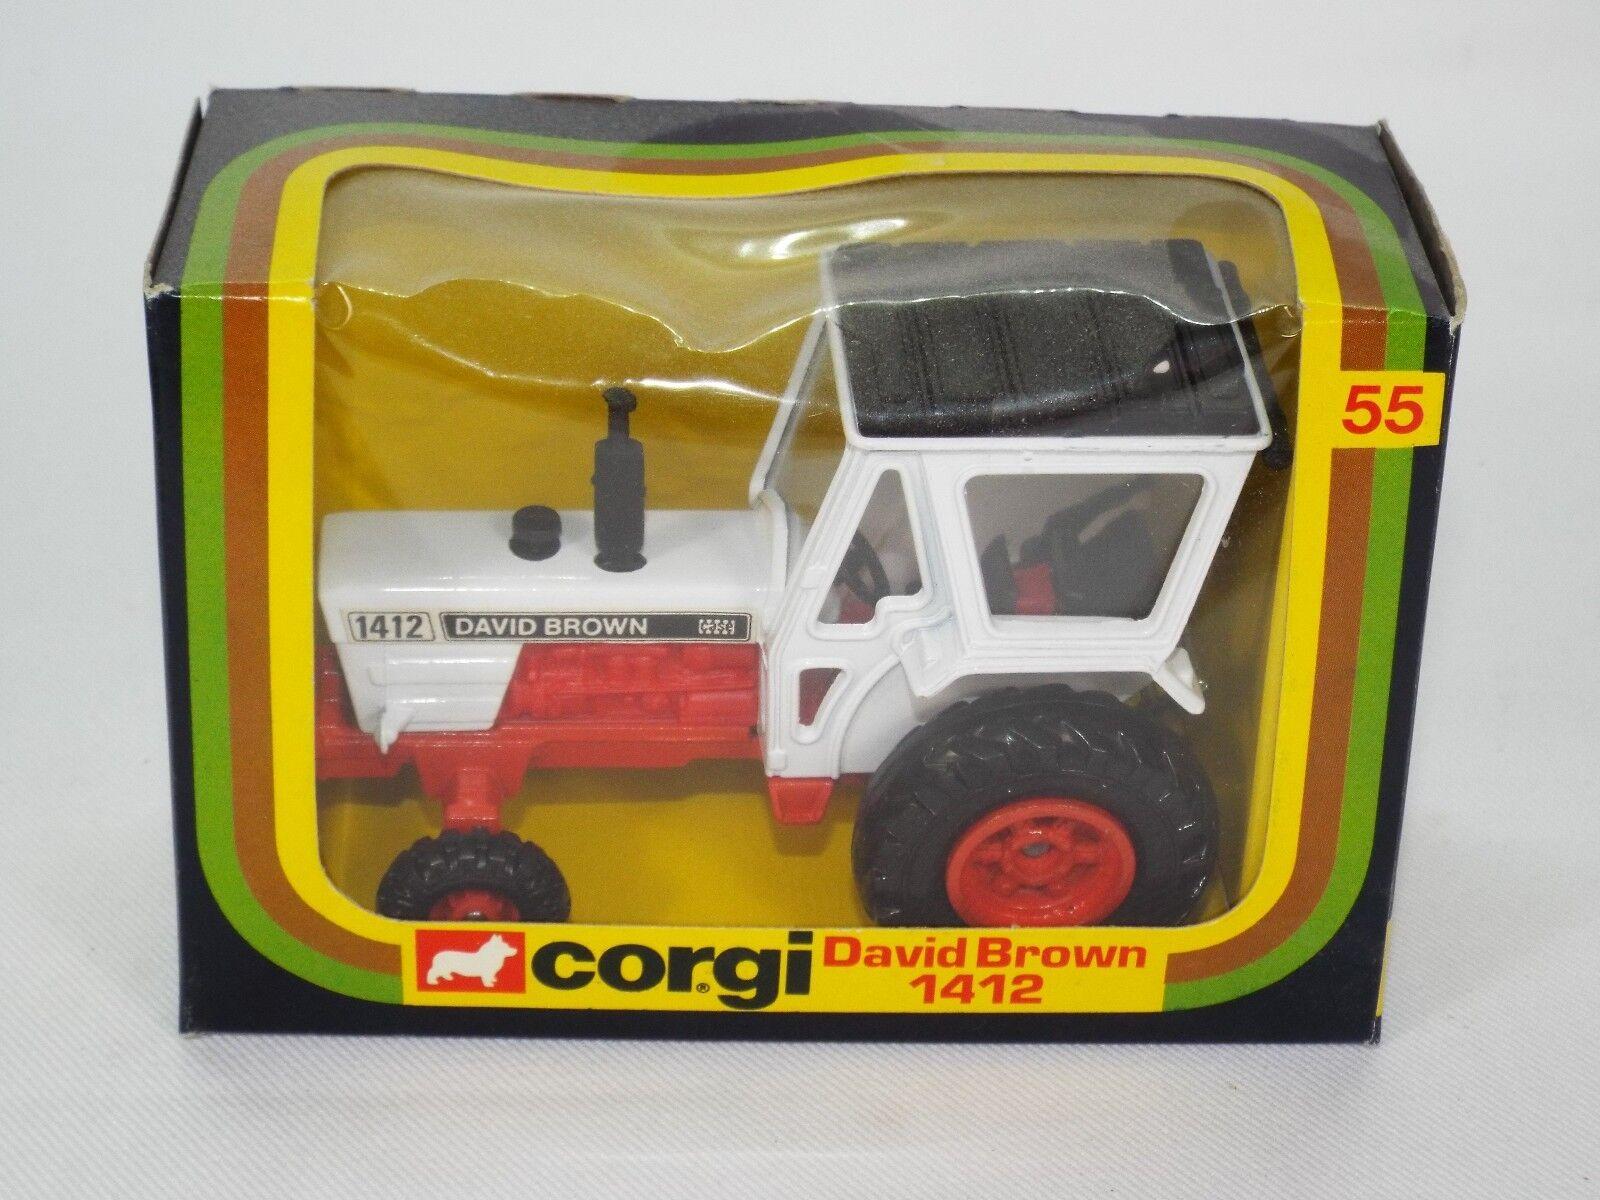 Corgi Original Serie Nº 55 es el modelo de la vnmb David Marronee 1412 Tractor